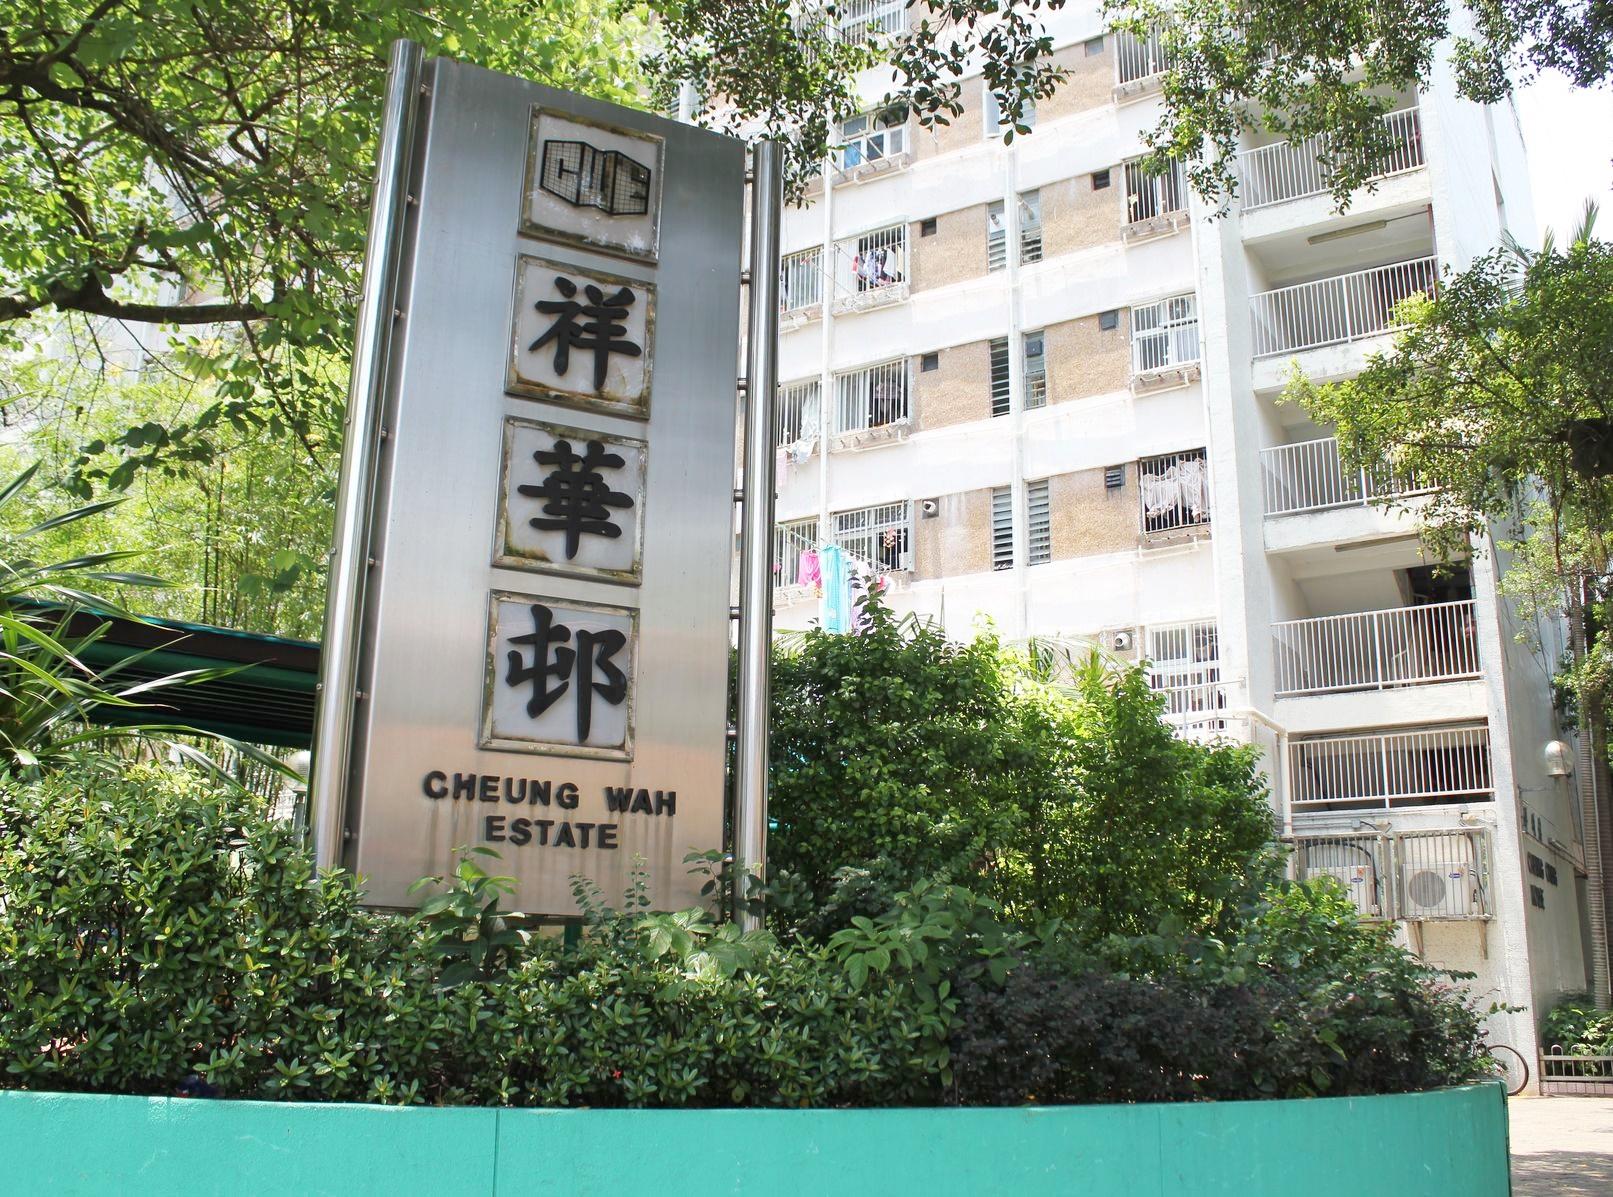 該名63歲女病人居於粉嶺祥華邨。資料圖片